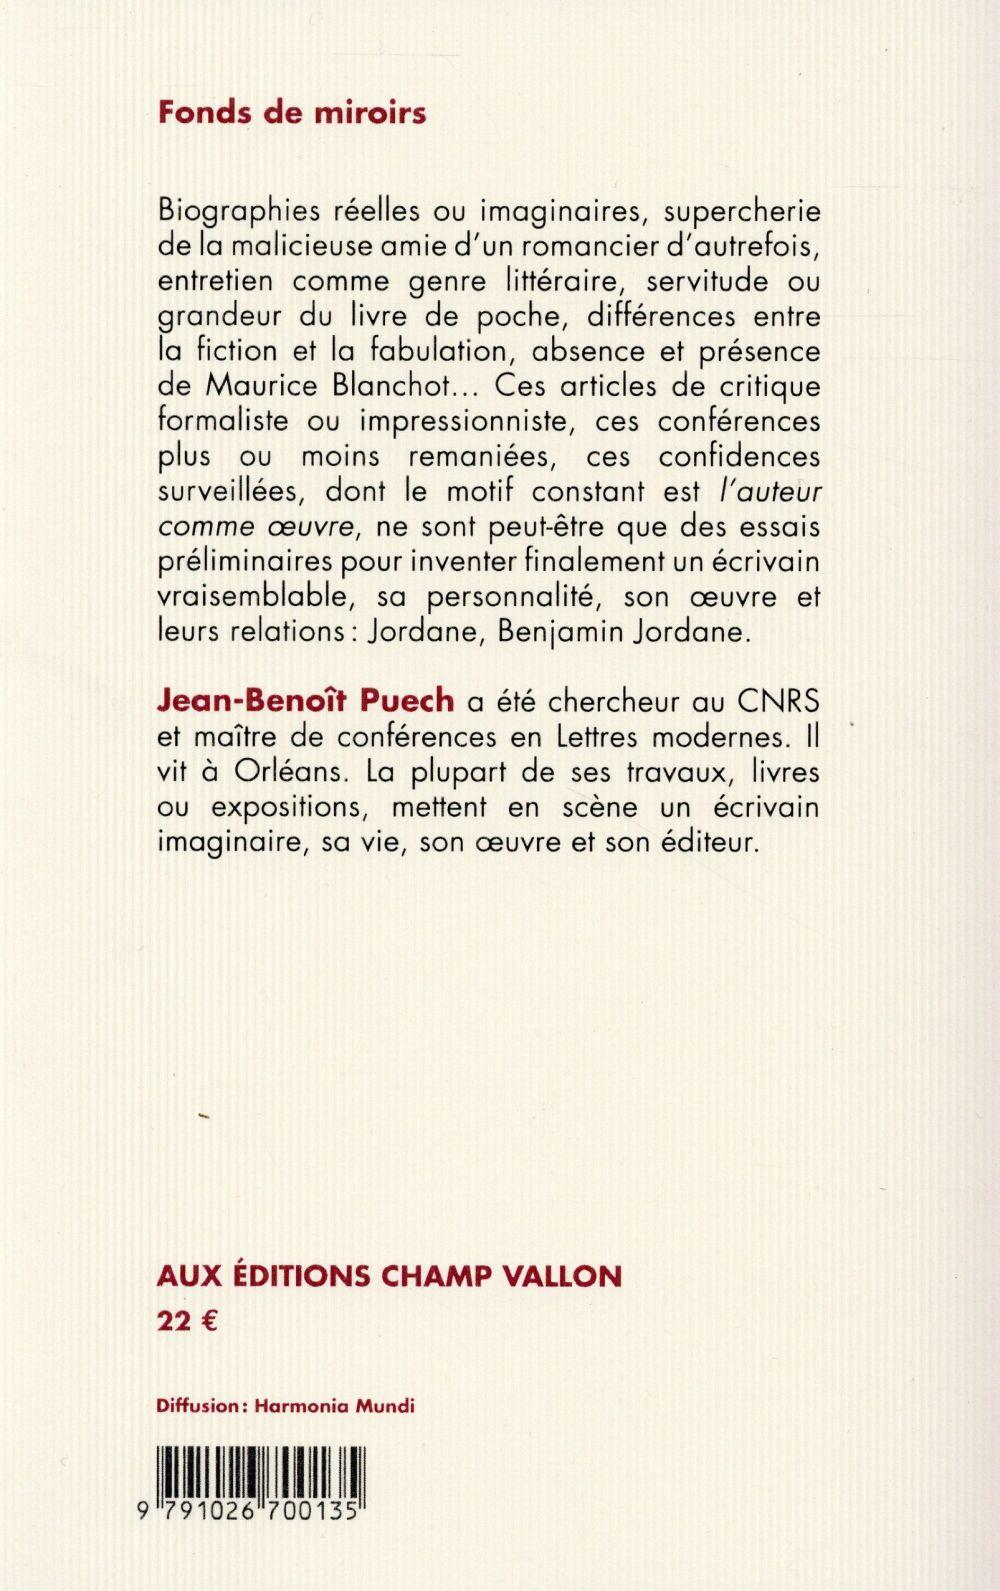 Fonds de miroirs ; Maurice Blanchot tel que je l'ai connu